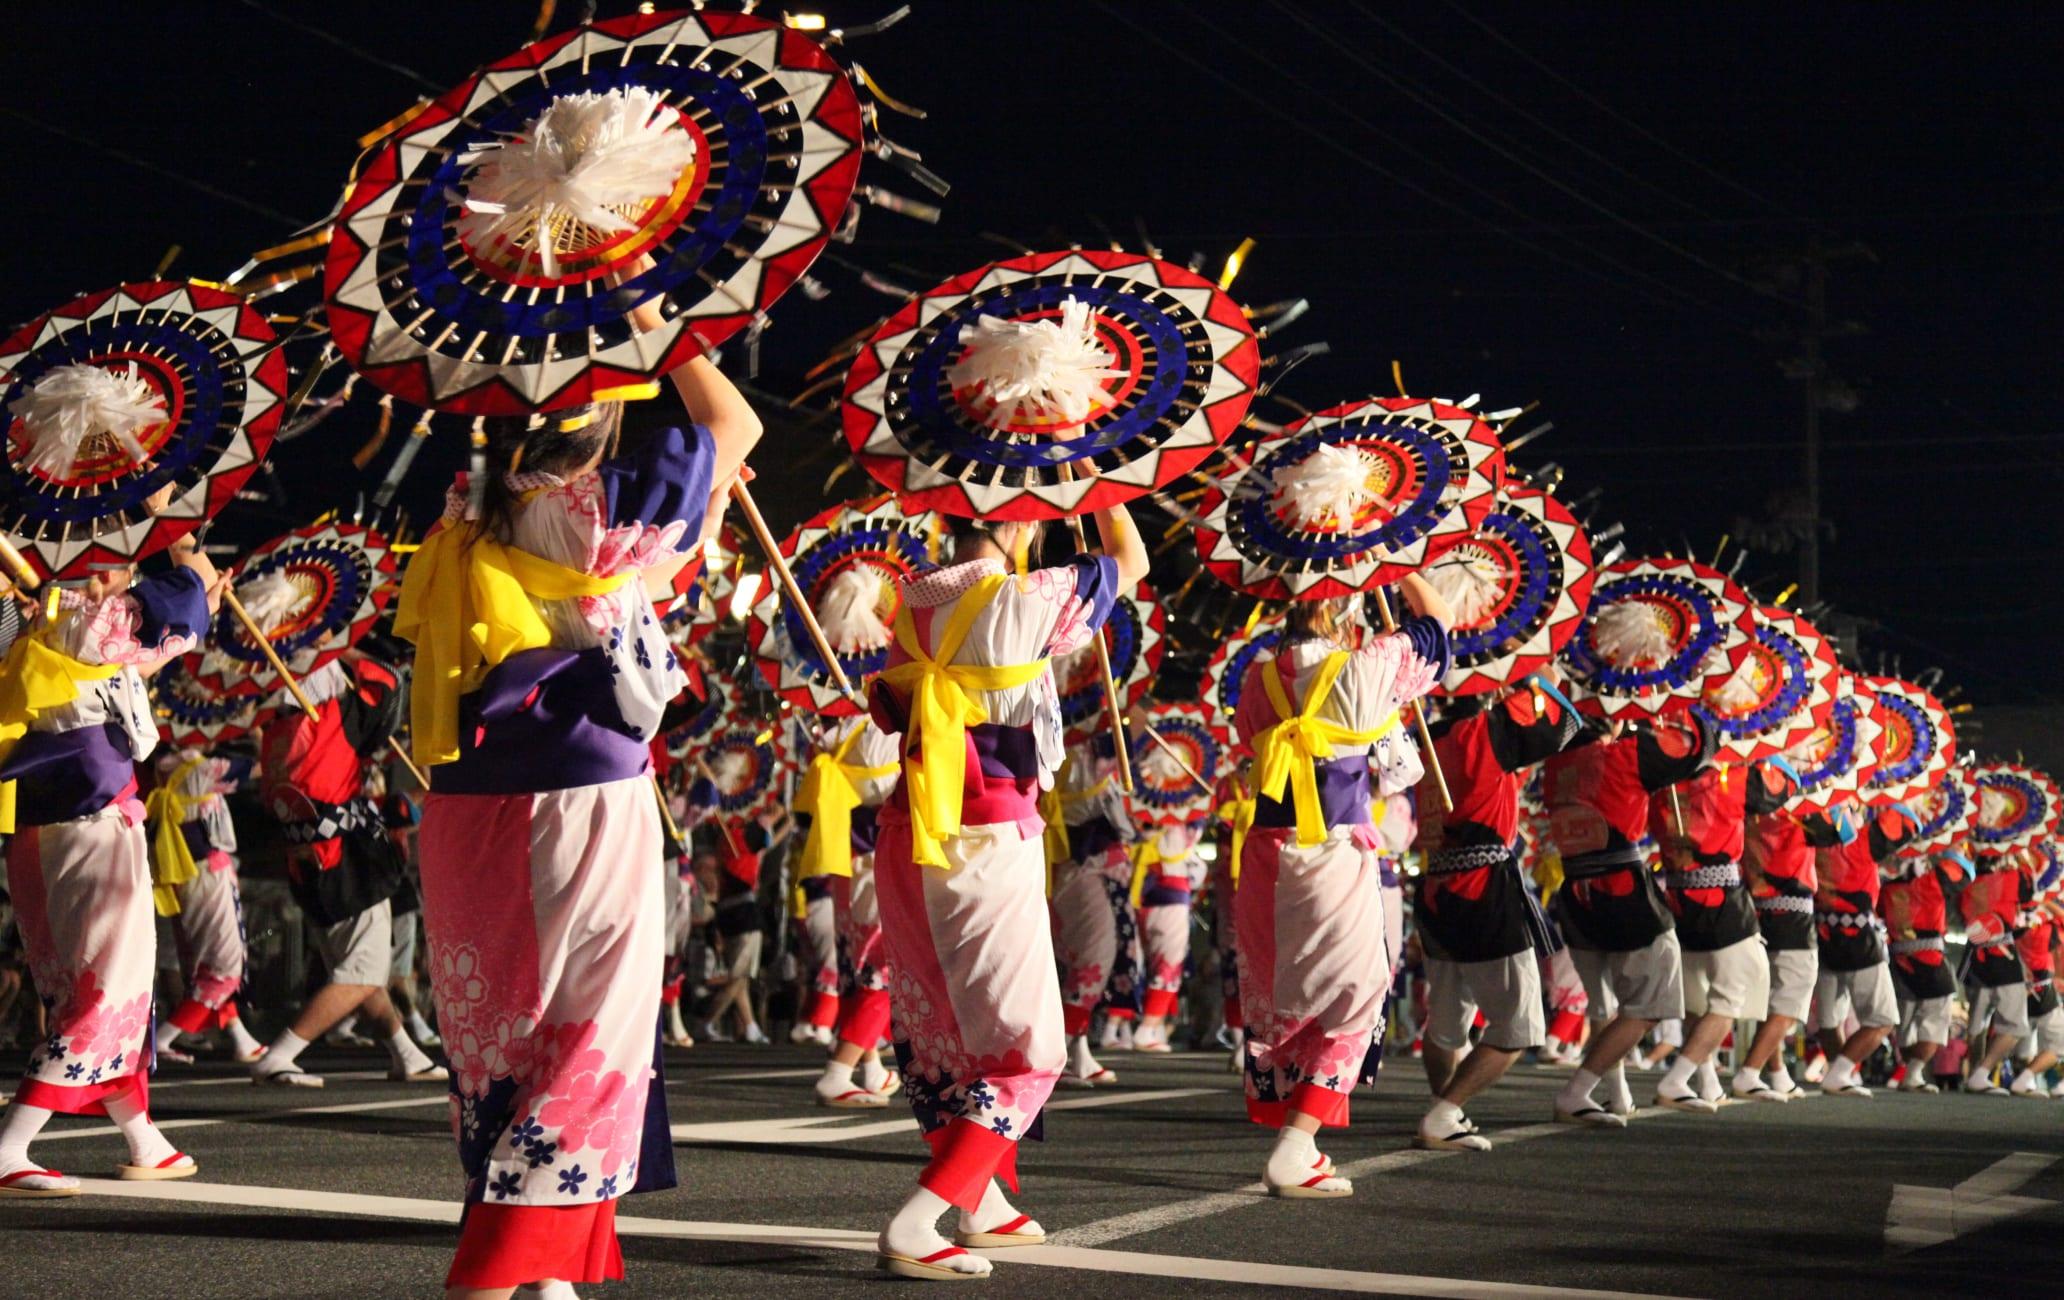 Shan-shan festival